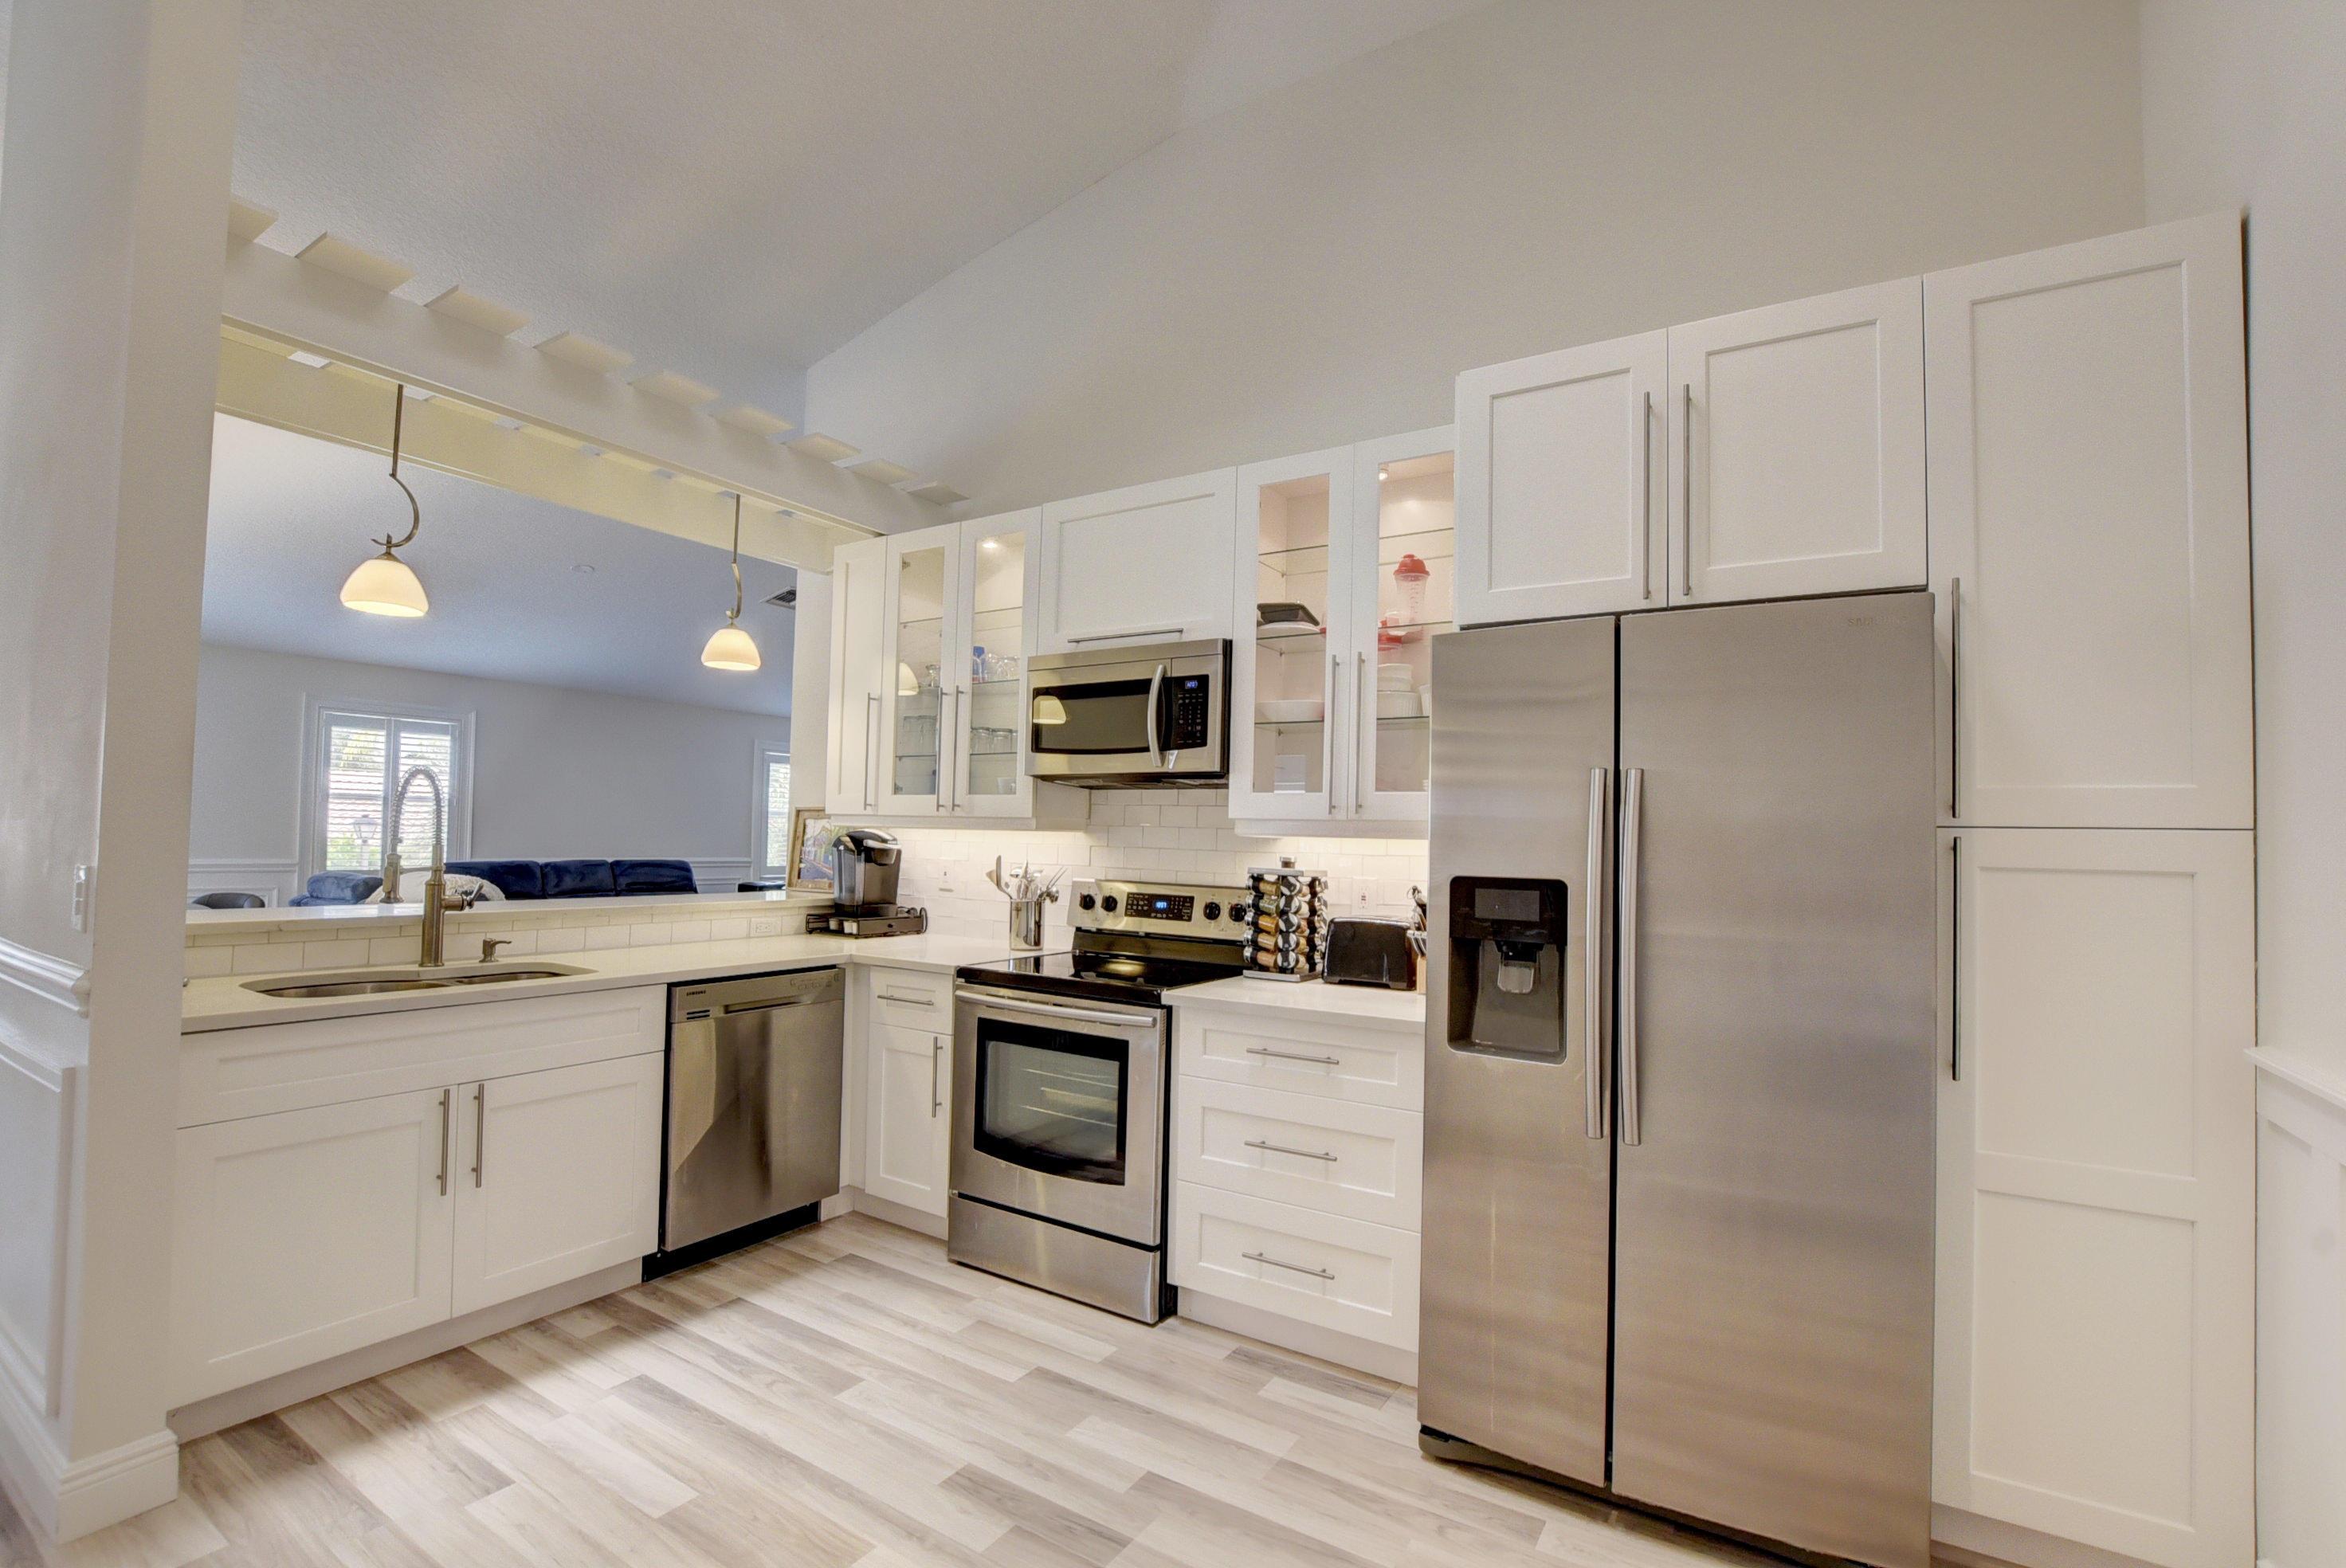 Home for sale in Banyan Springs Boynton Beach Florida